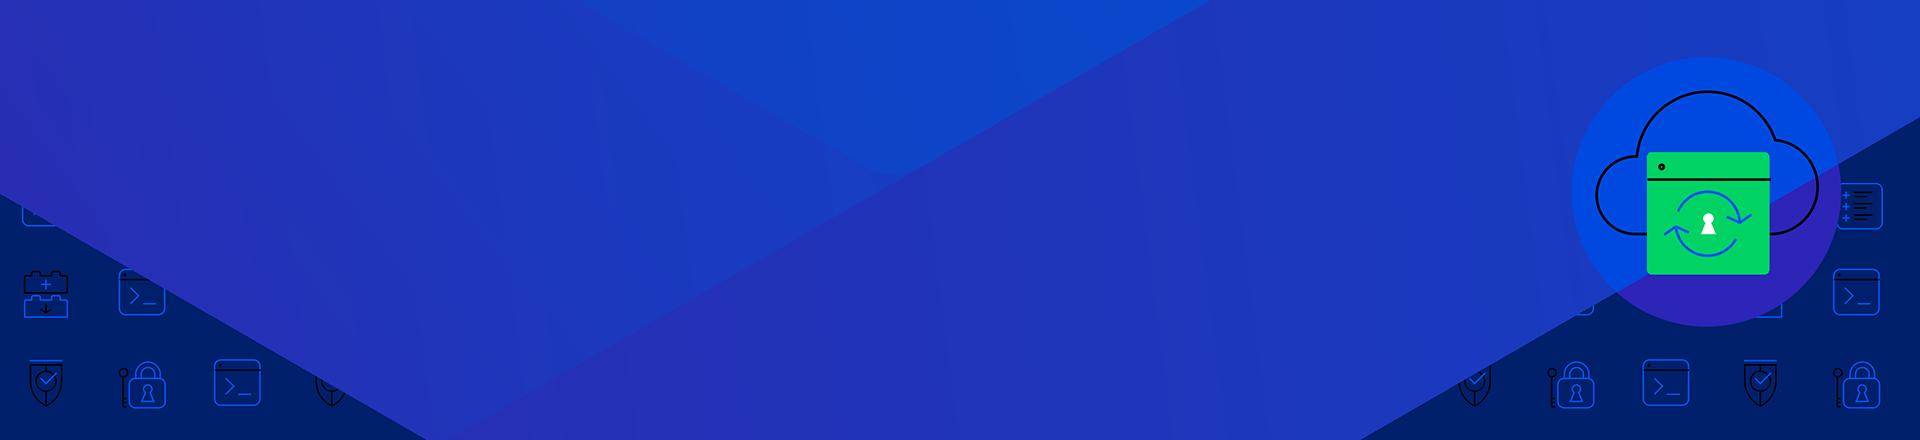 Progress Landing Page Hero Banner